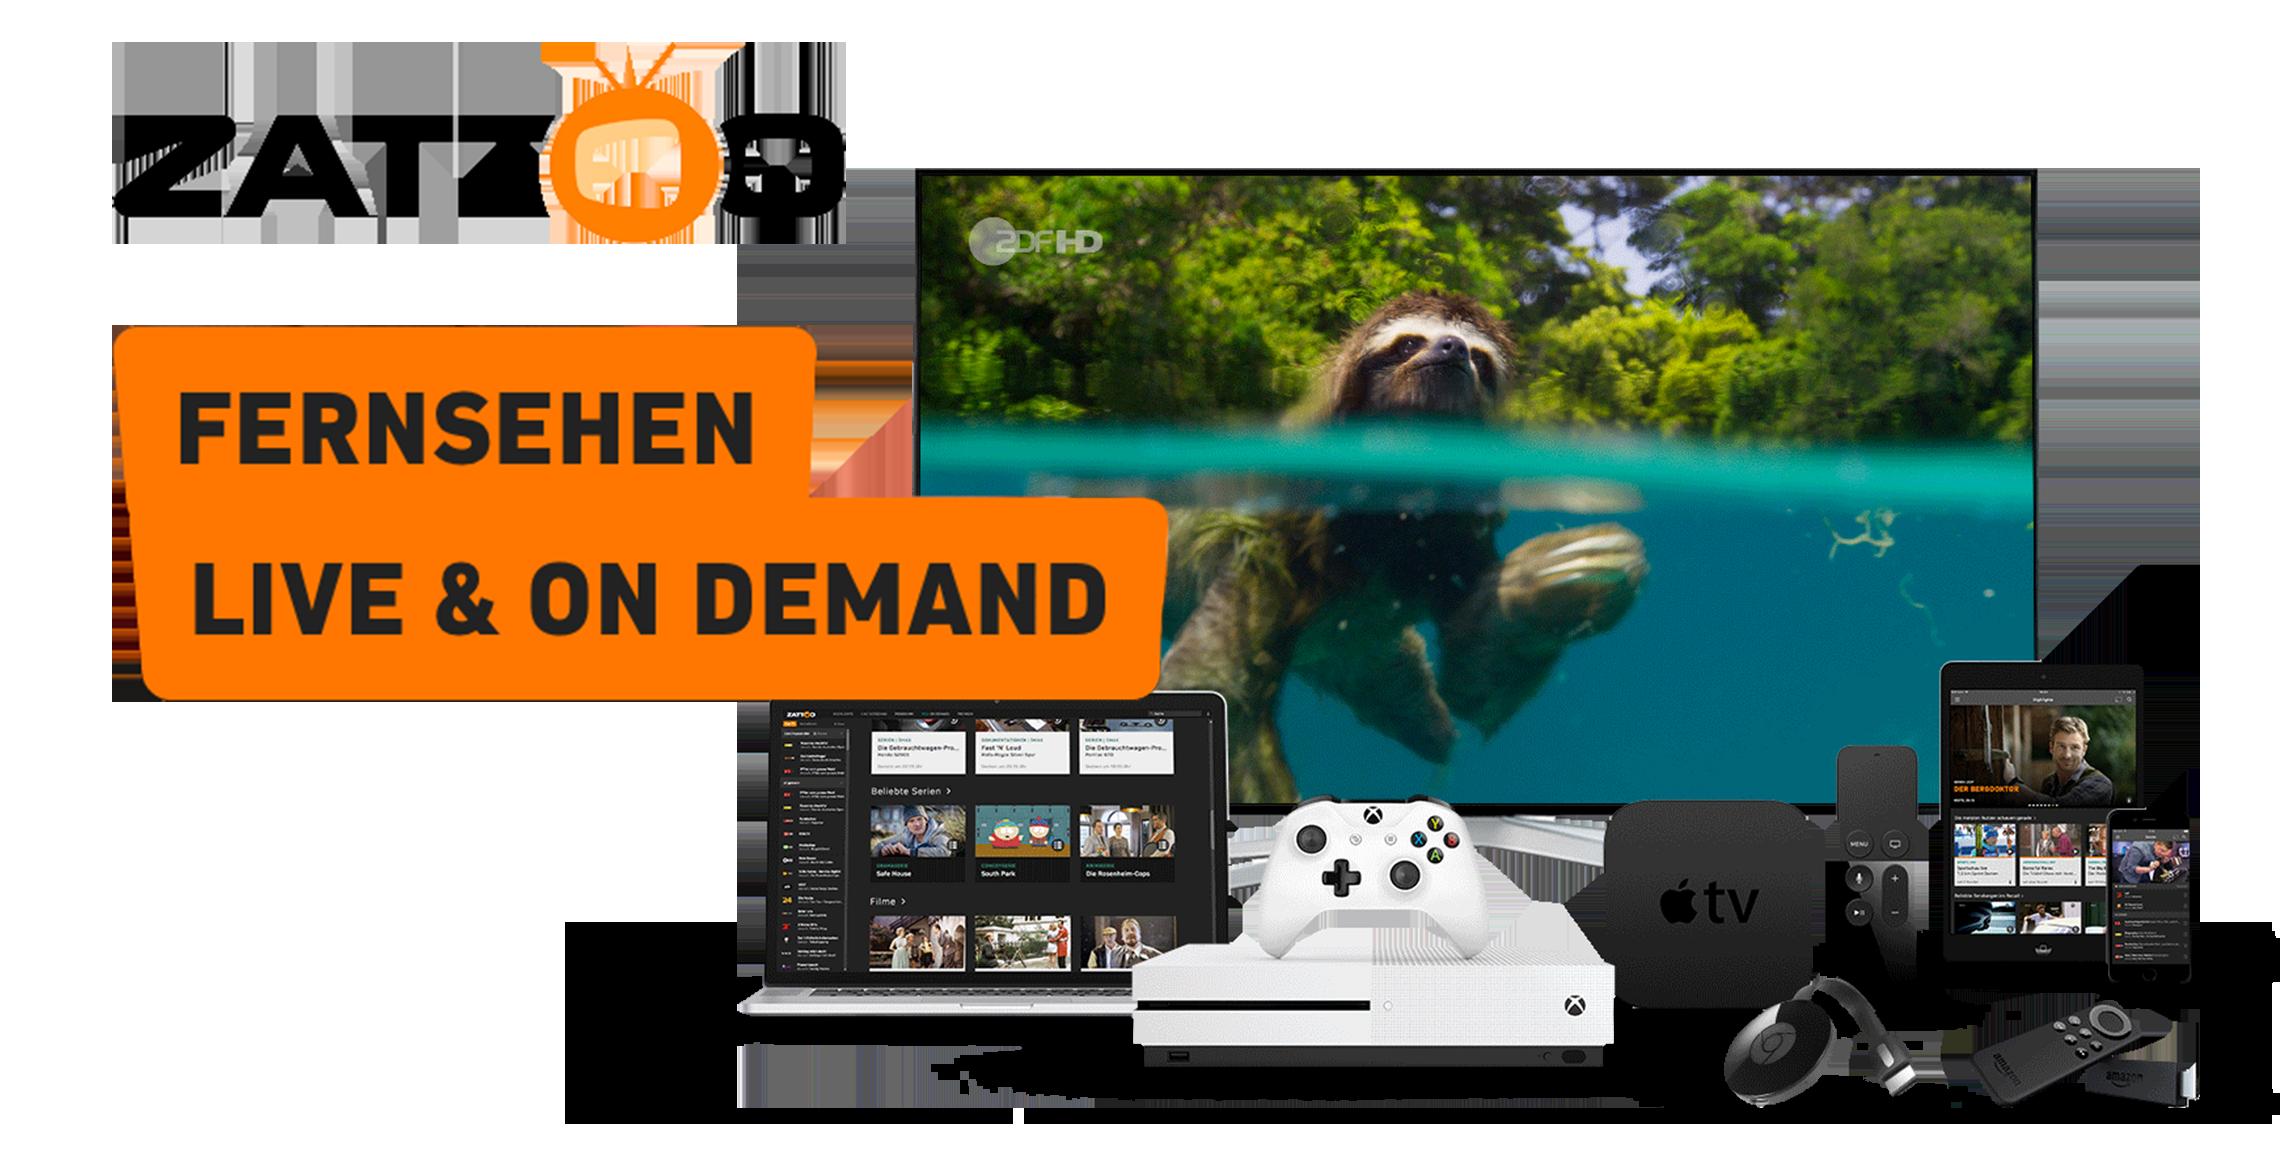 Zattoo - Online Fernsehen